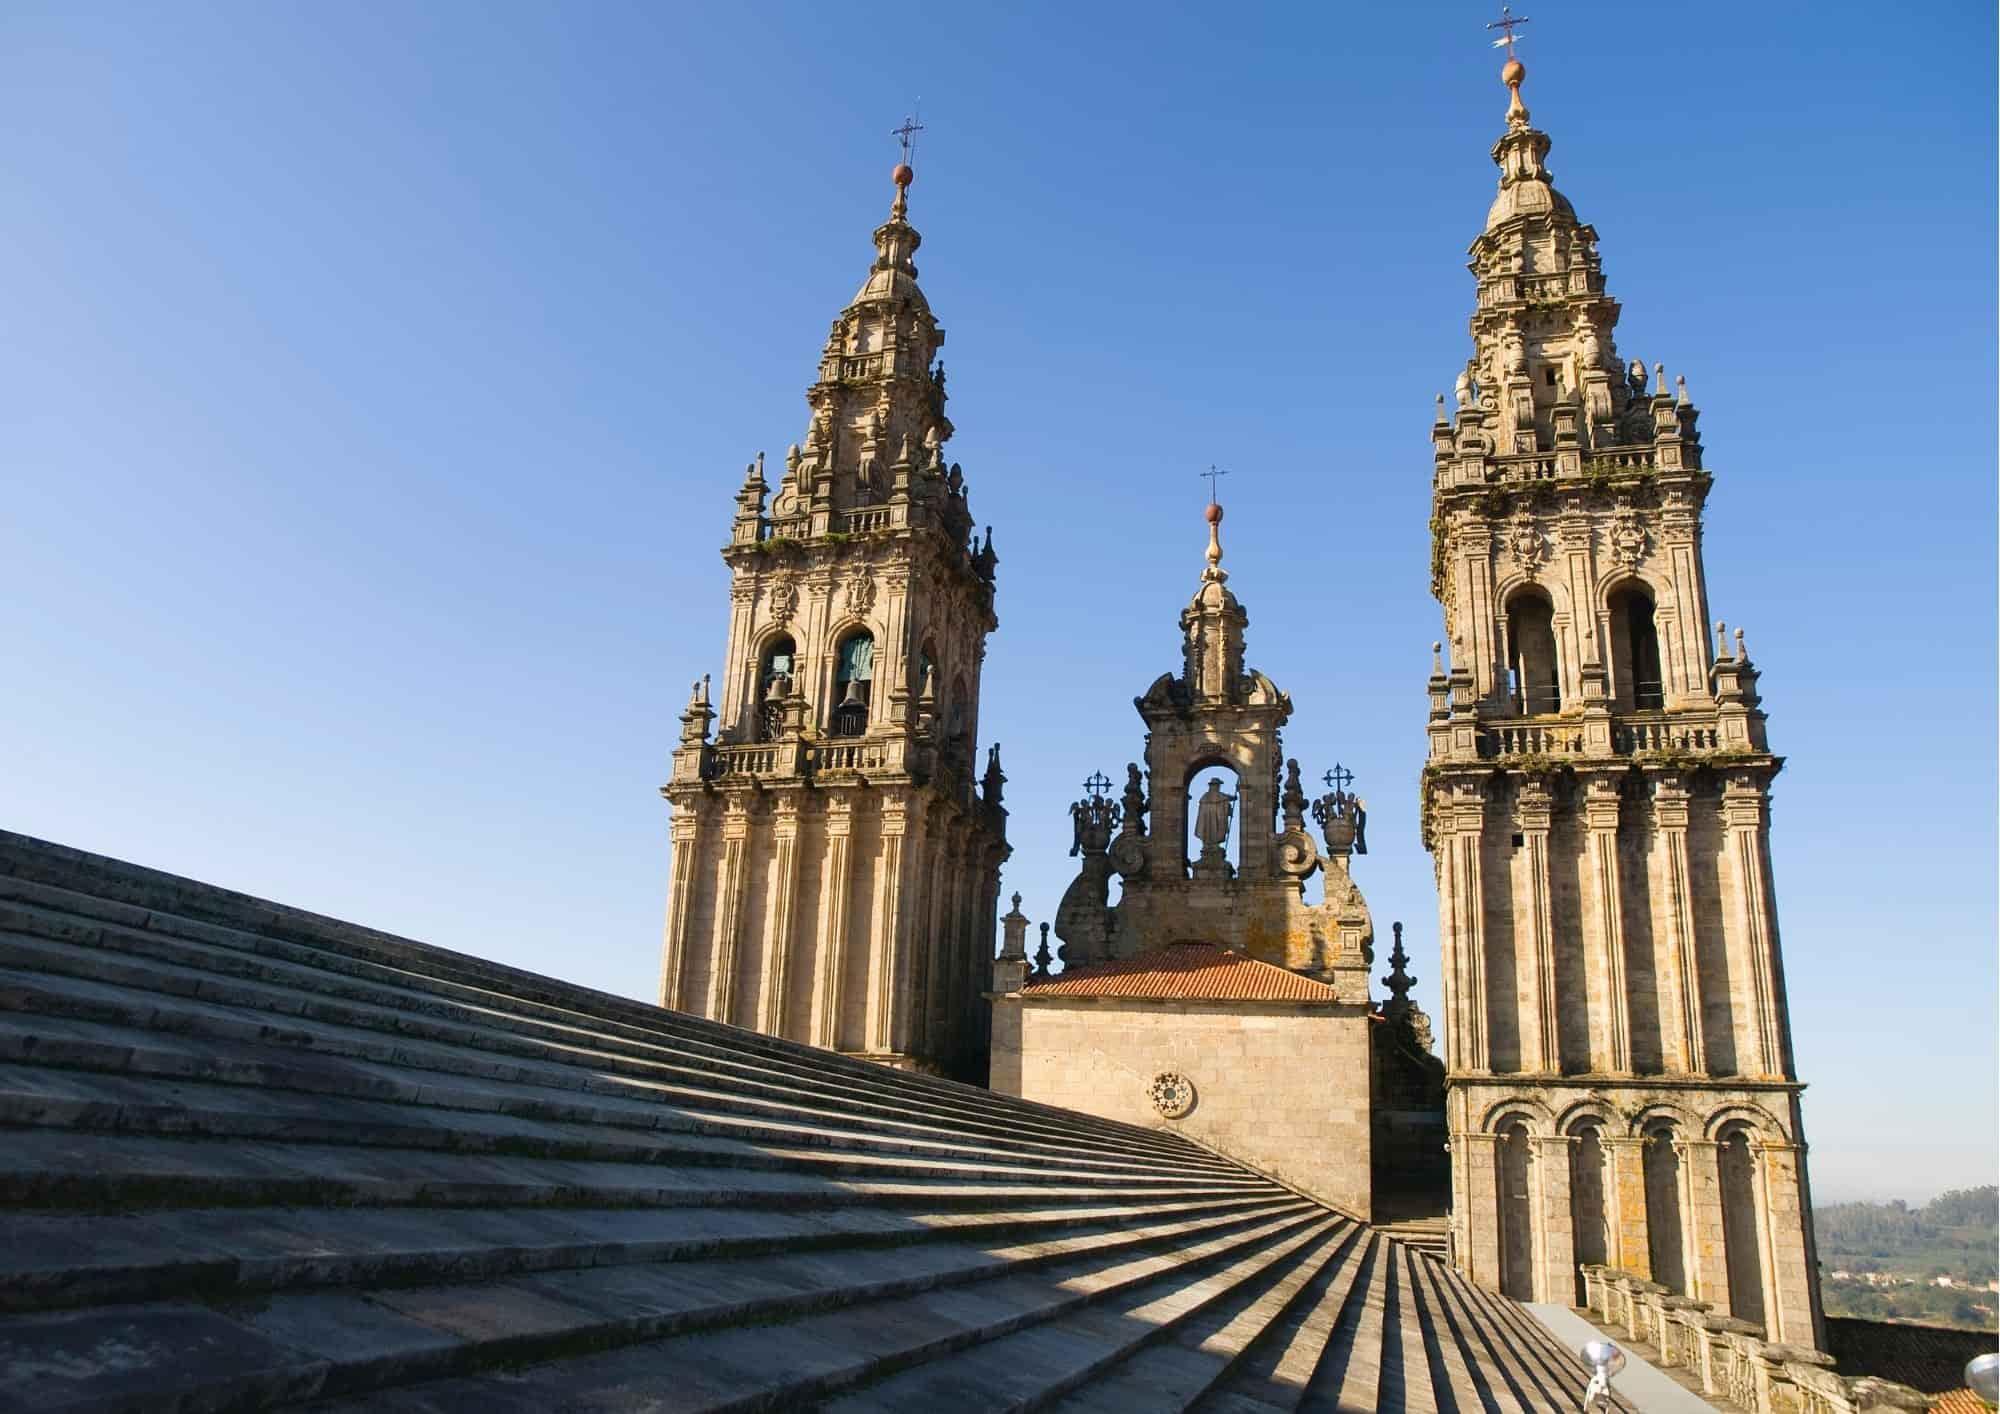 Visita tejados de la catedral